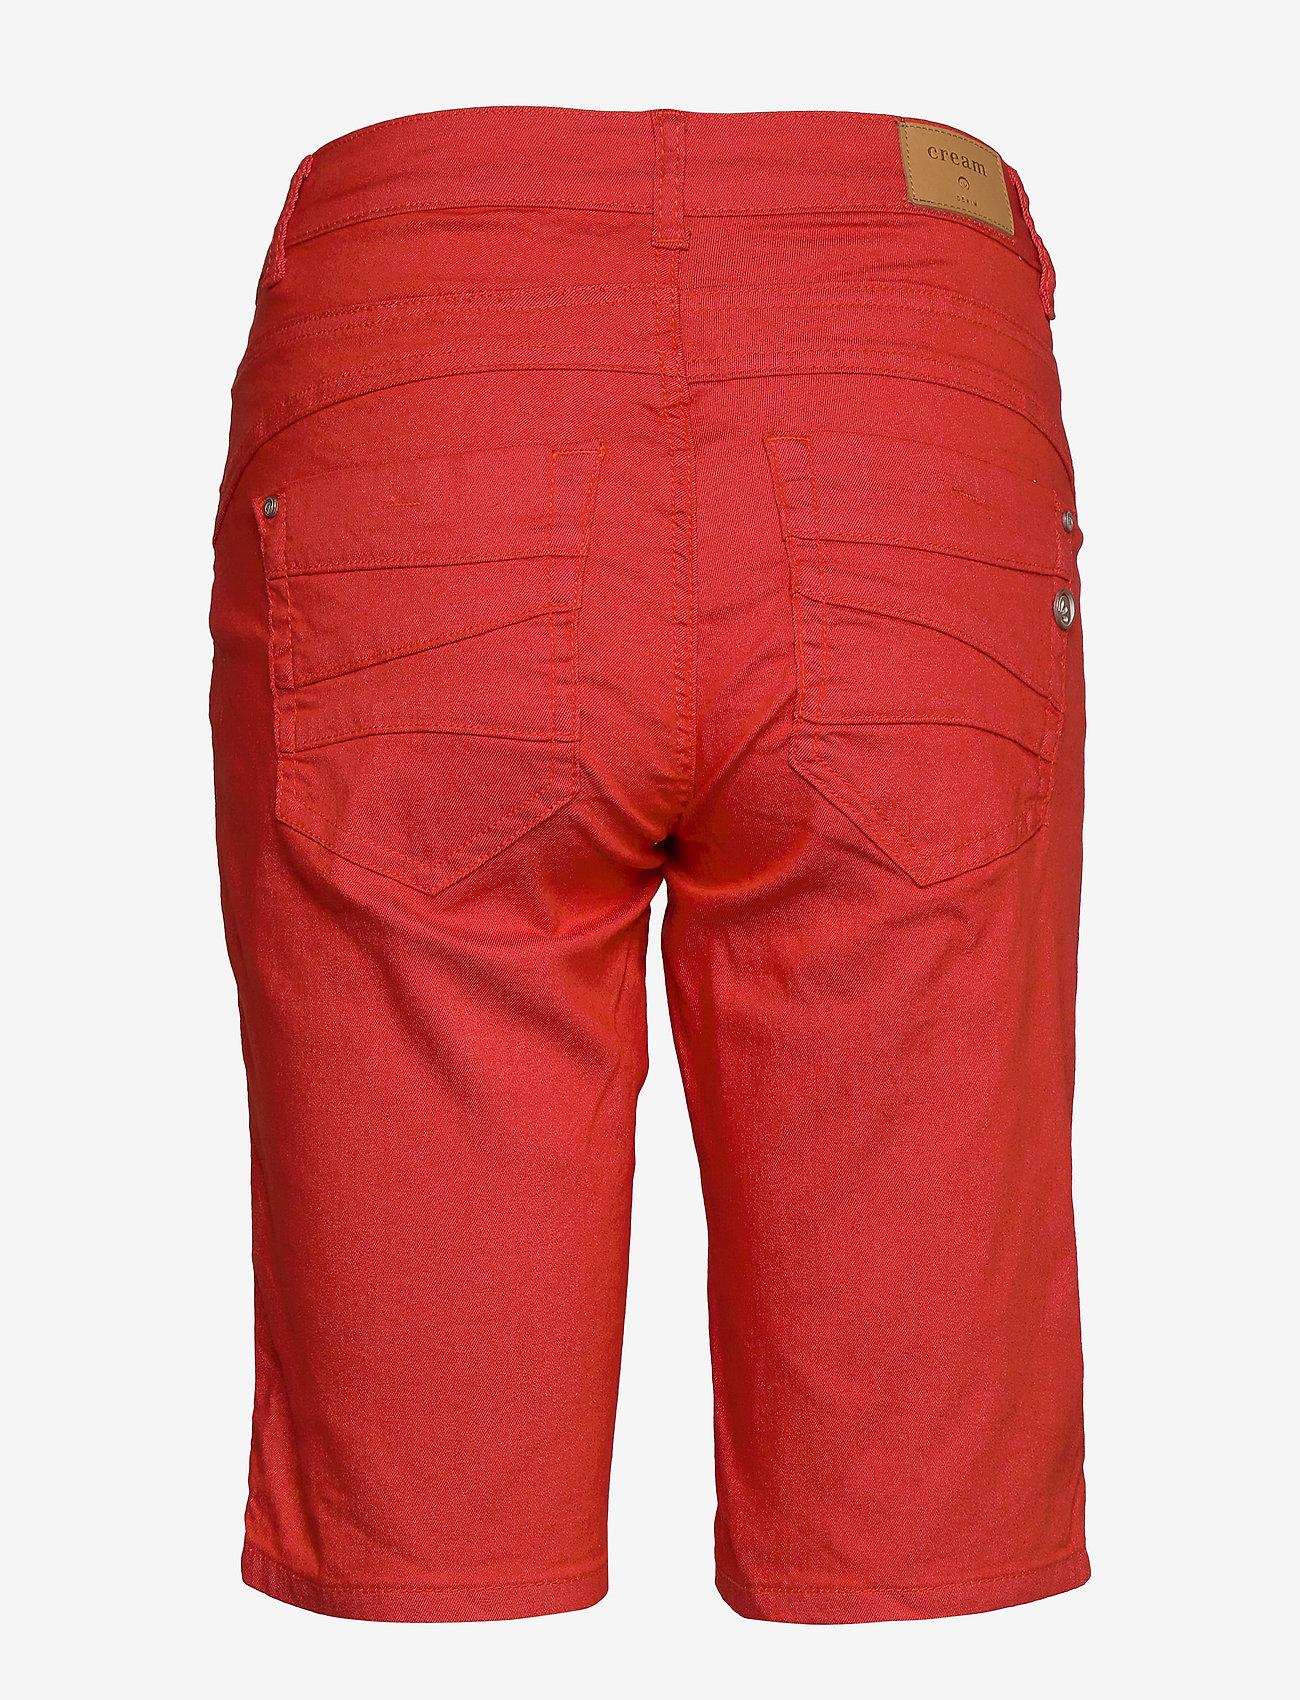 Cream - VavaCR Shorts - Coco Fit - bermudas - aurora red - 1